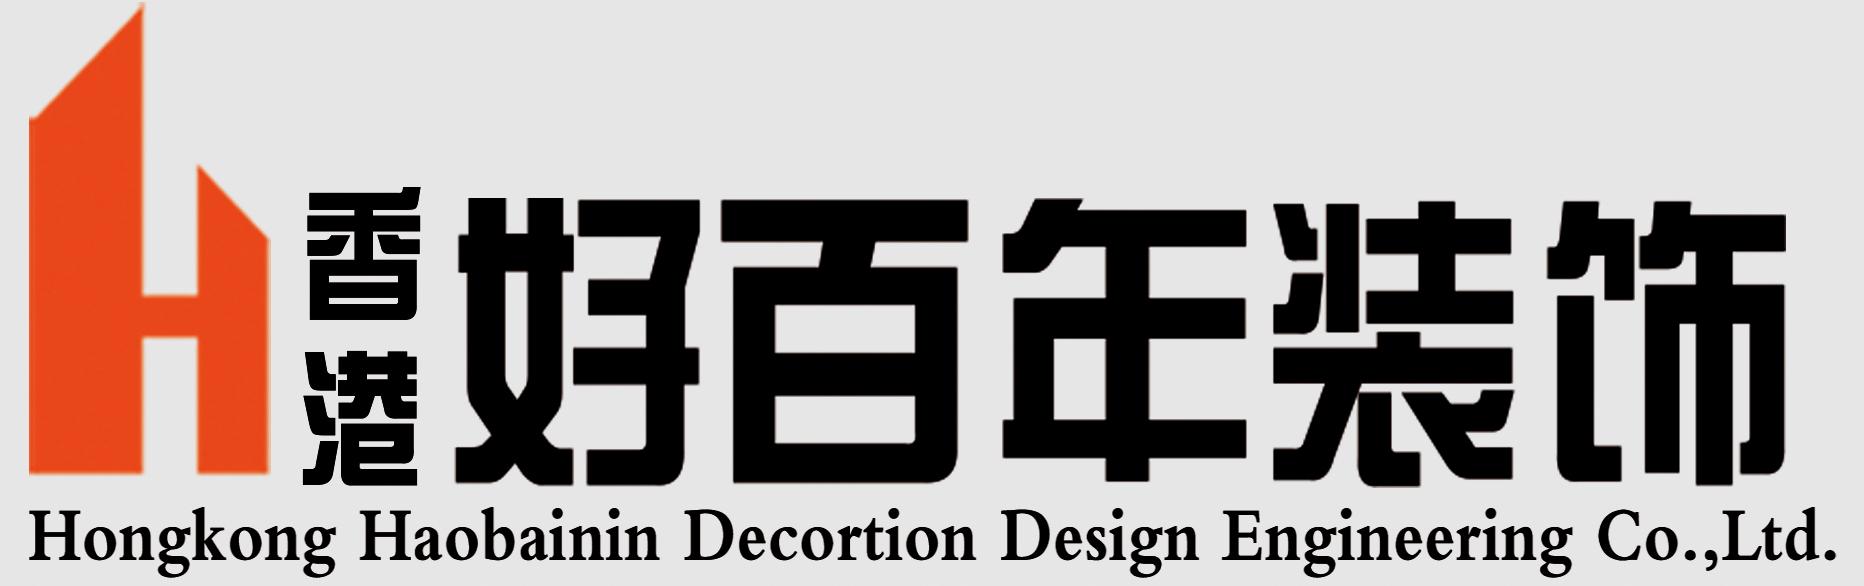 昆明好百年建筑装饰工程有限公司